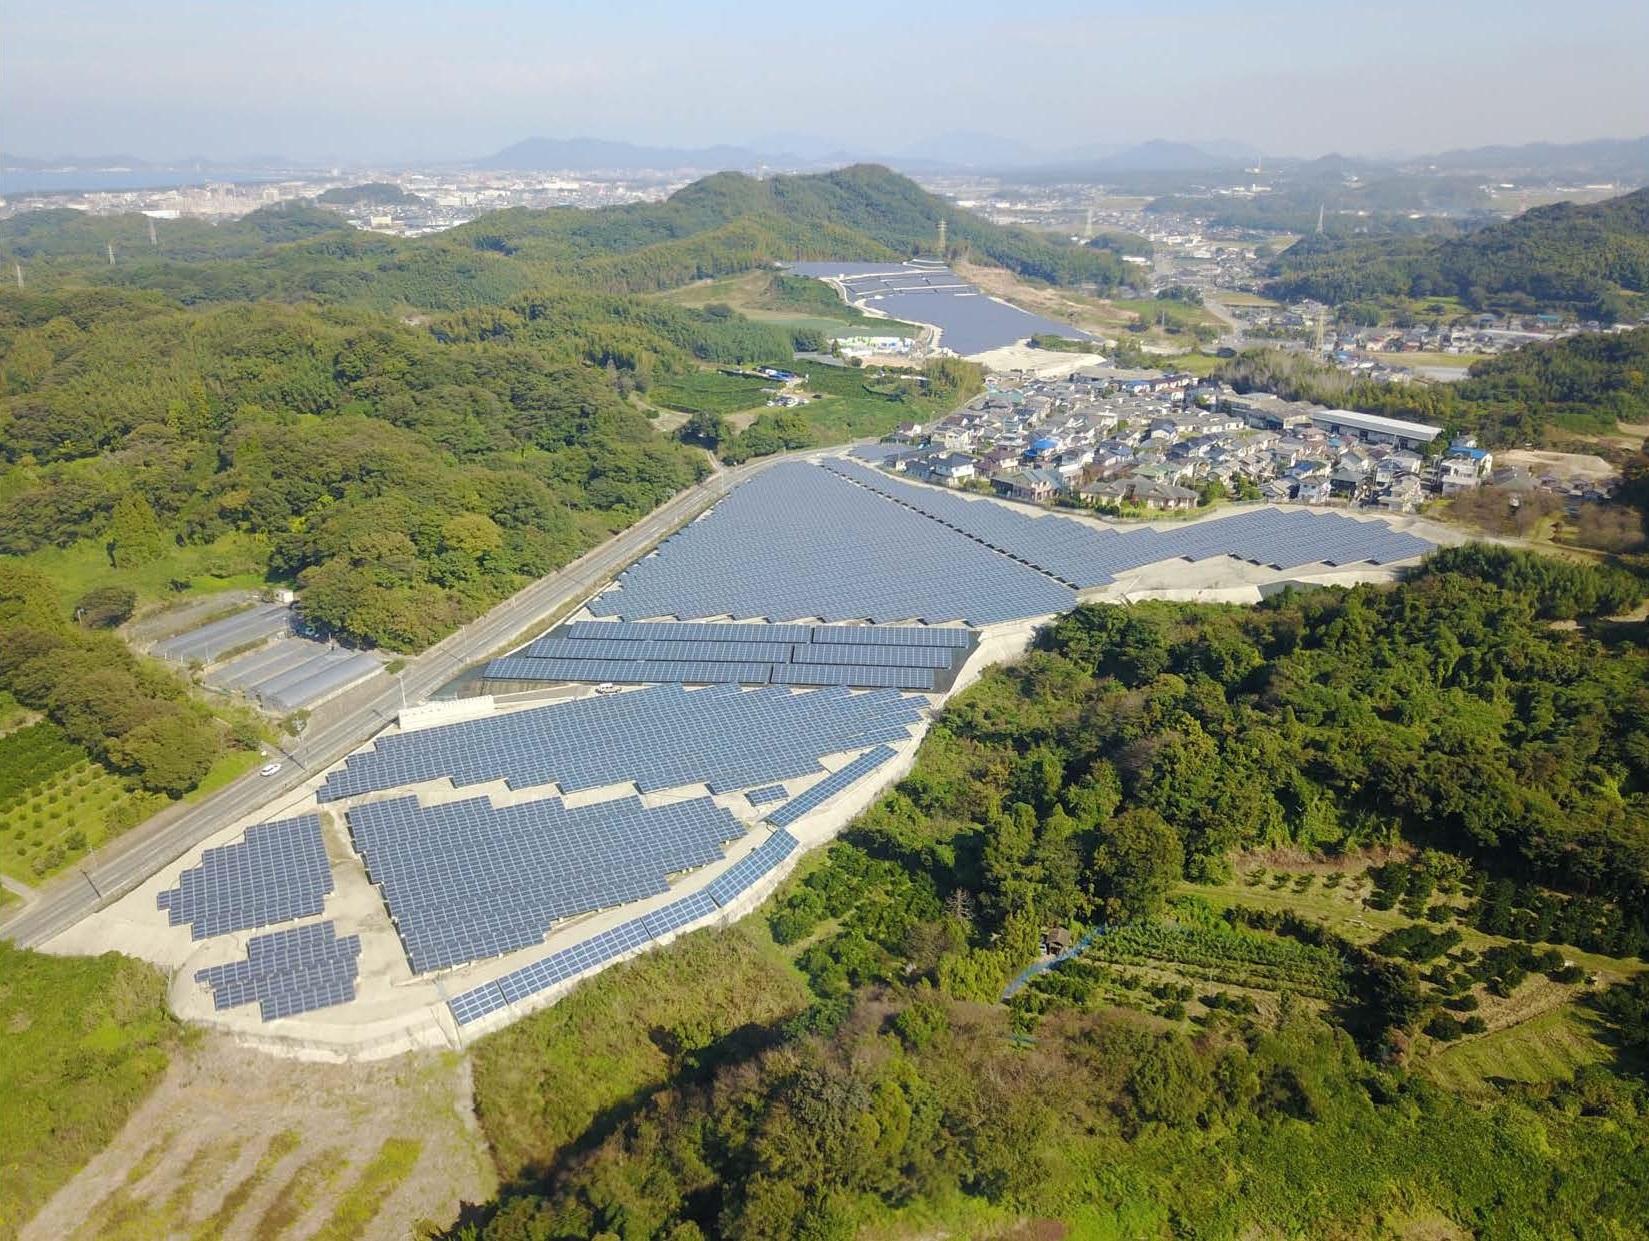 juwi自然電力オペレーションの累計契約実績が500MWを達成